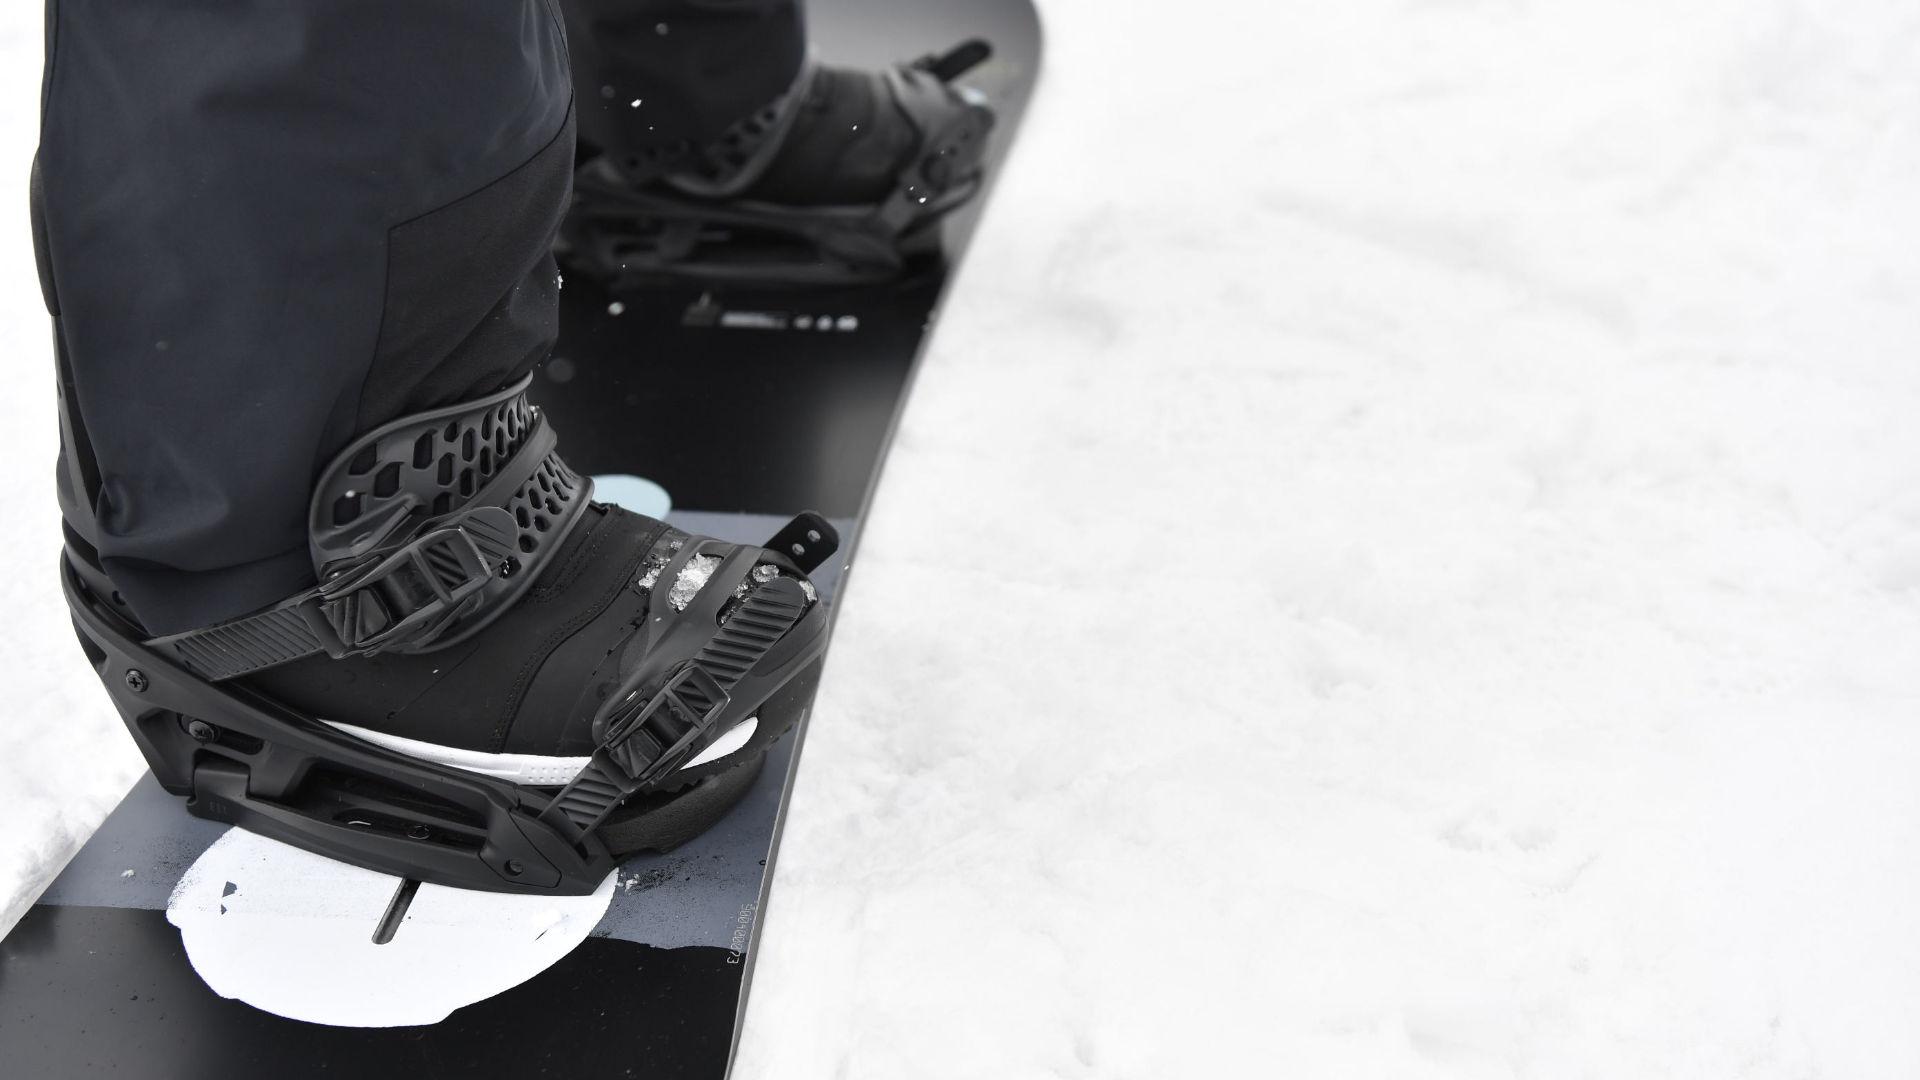 Boots, Bindungen und Board von Burton passen perfekt zusammen